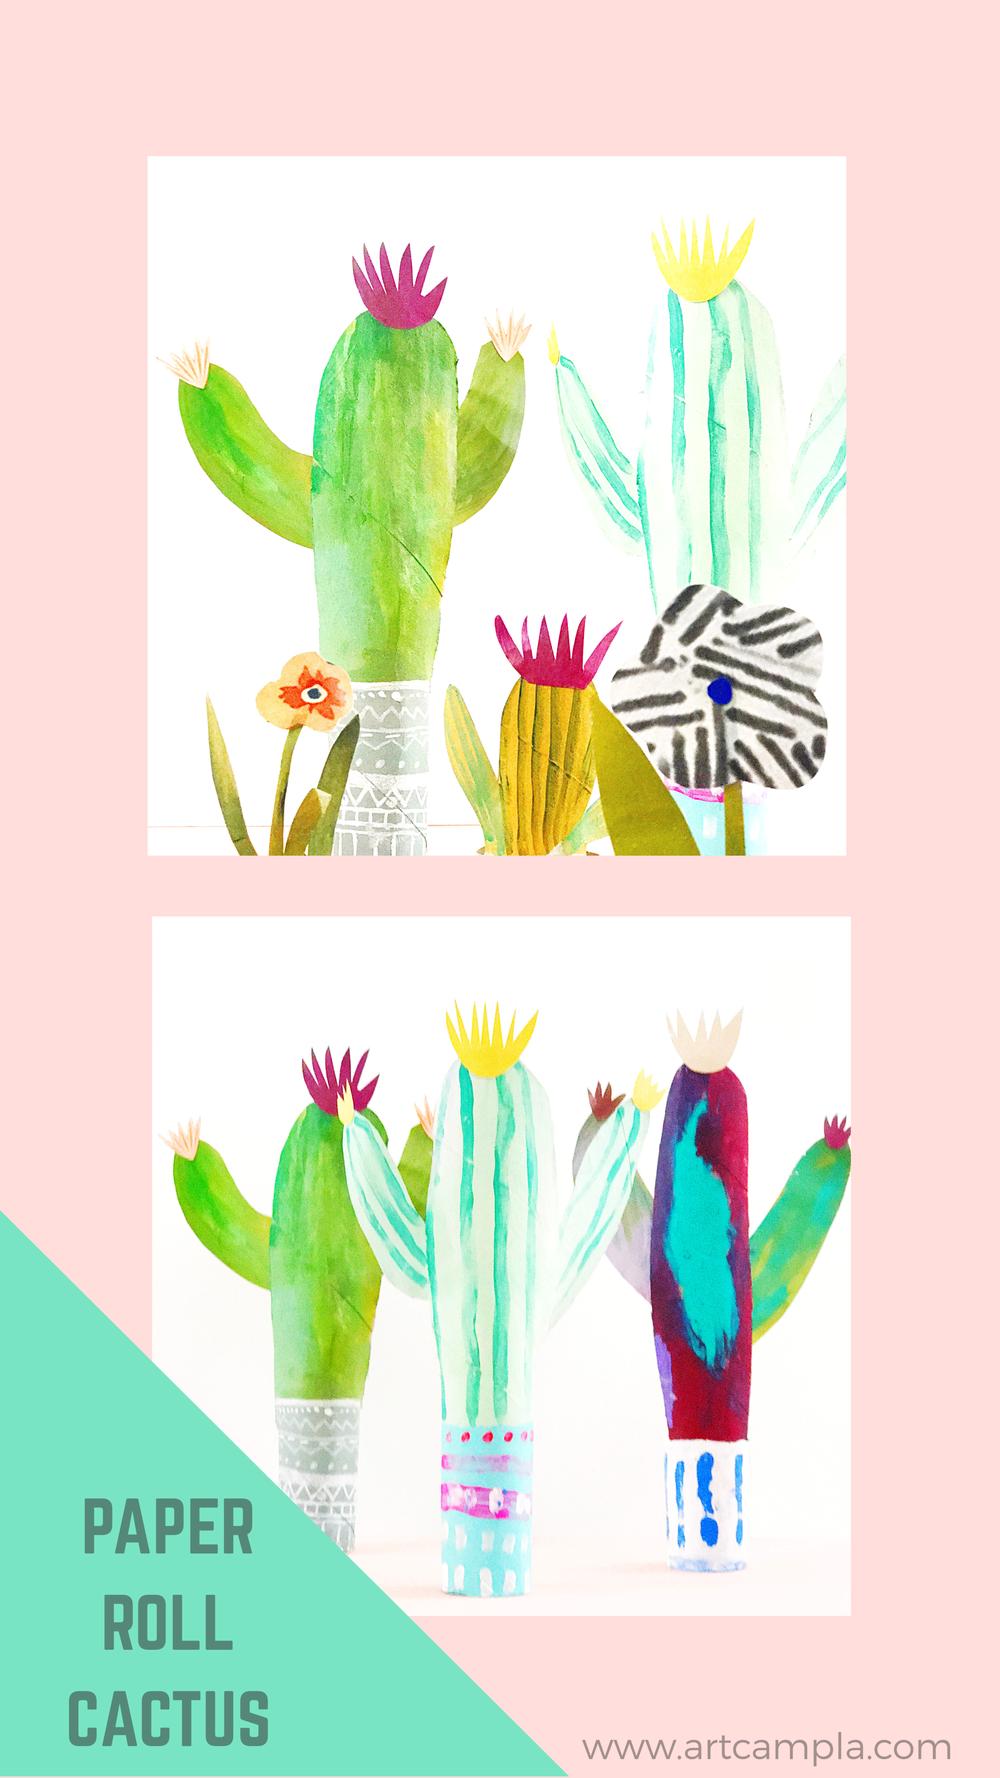 Paper Roll Cactus 7